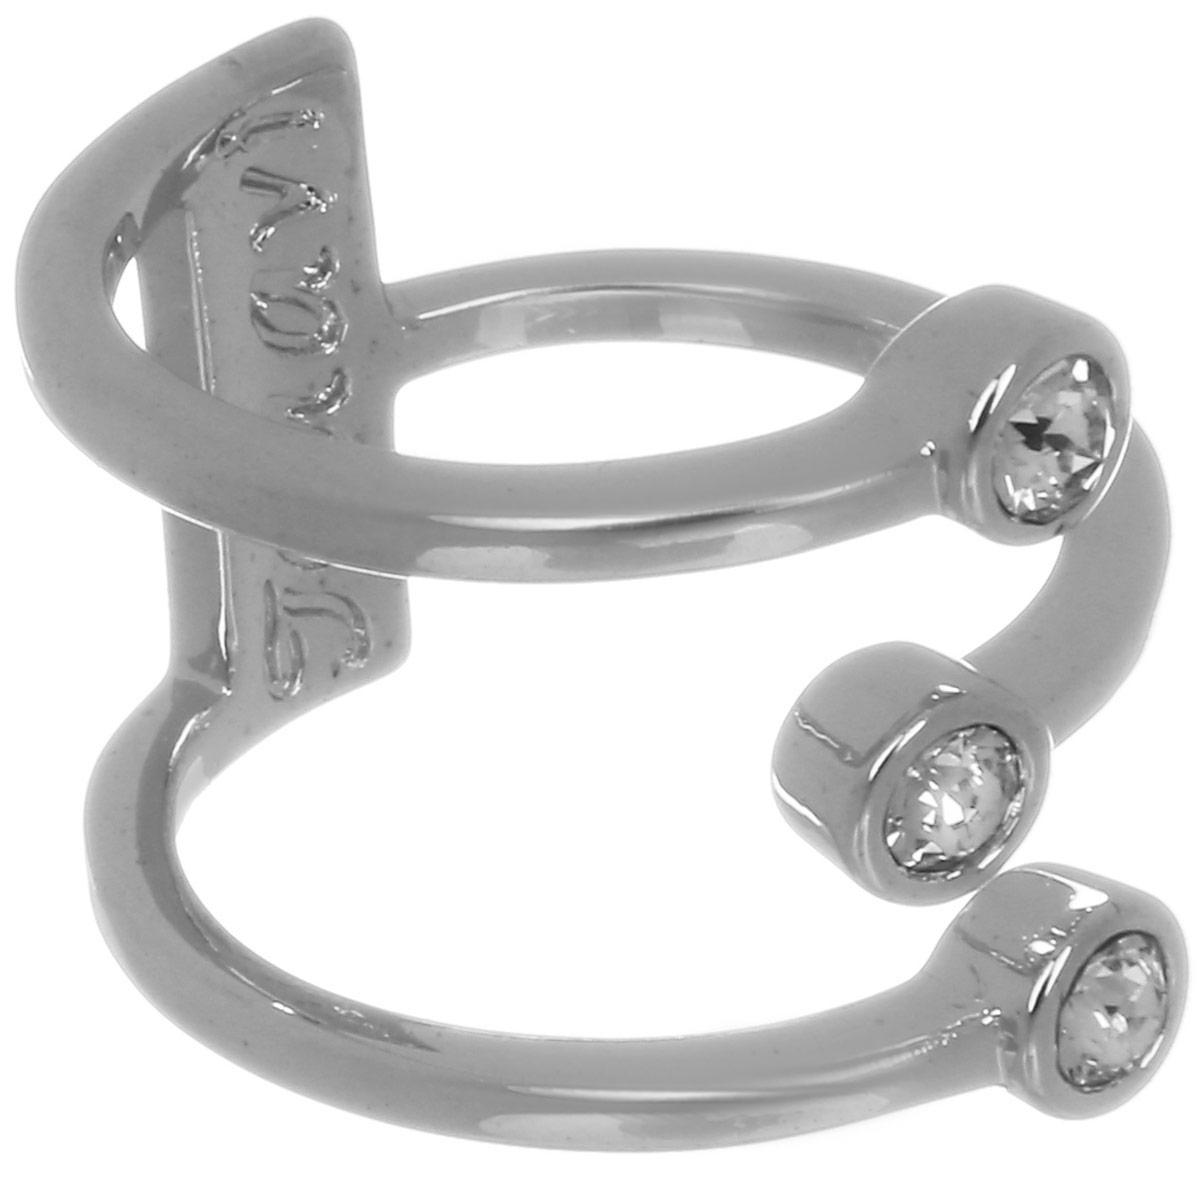 Jenavi, Коллекция Триада, Тримурти (Кольцо), цвет - серебряный, белый, размер - 16f696f000Коллекция Триада, Тримурти (Кольцо) гипоаллергенный ювелирный сплав,Серебрение c род. , вставка Кристаллы Swarovski , цвет - серебряный, белый, размер - 16